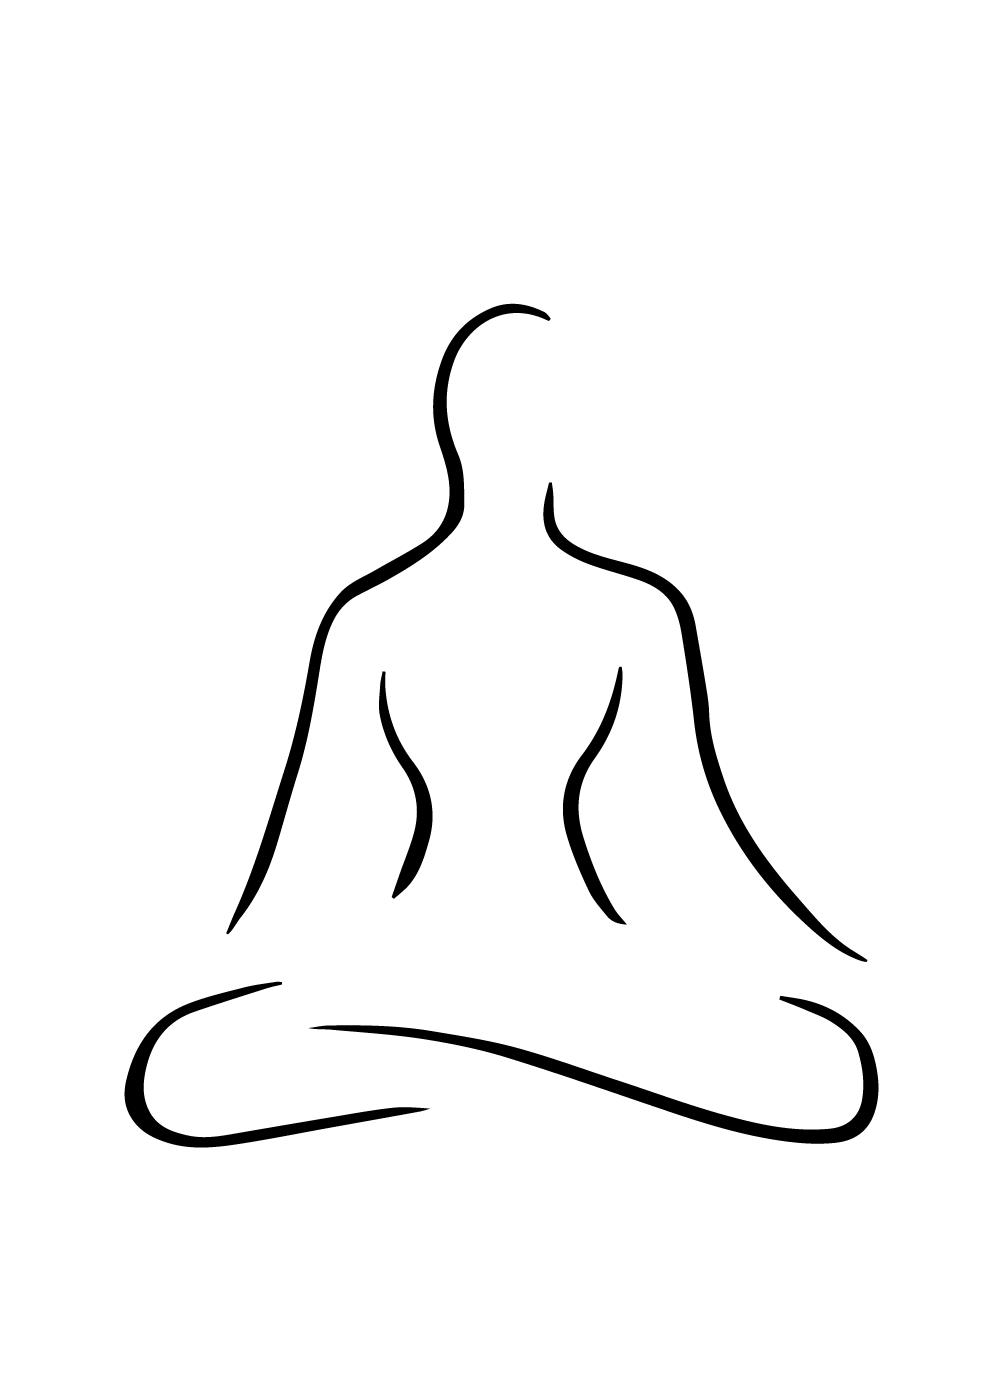 Yoga exercises plakat